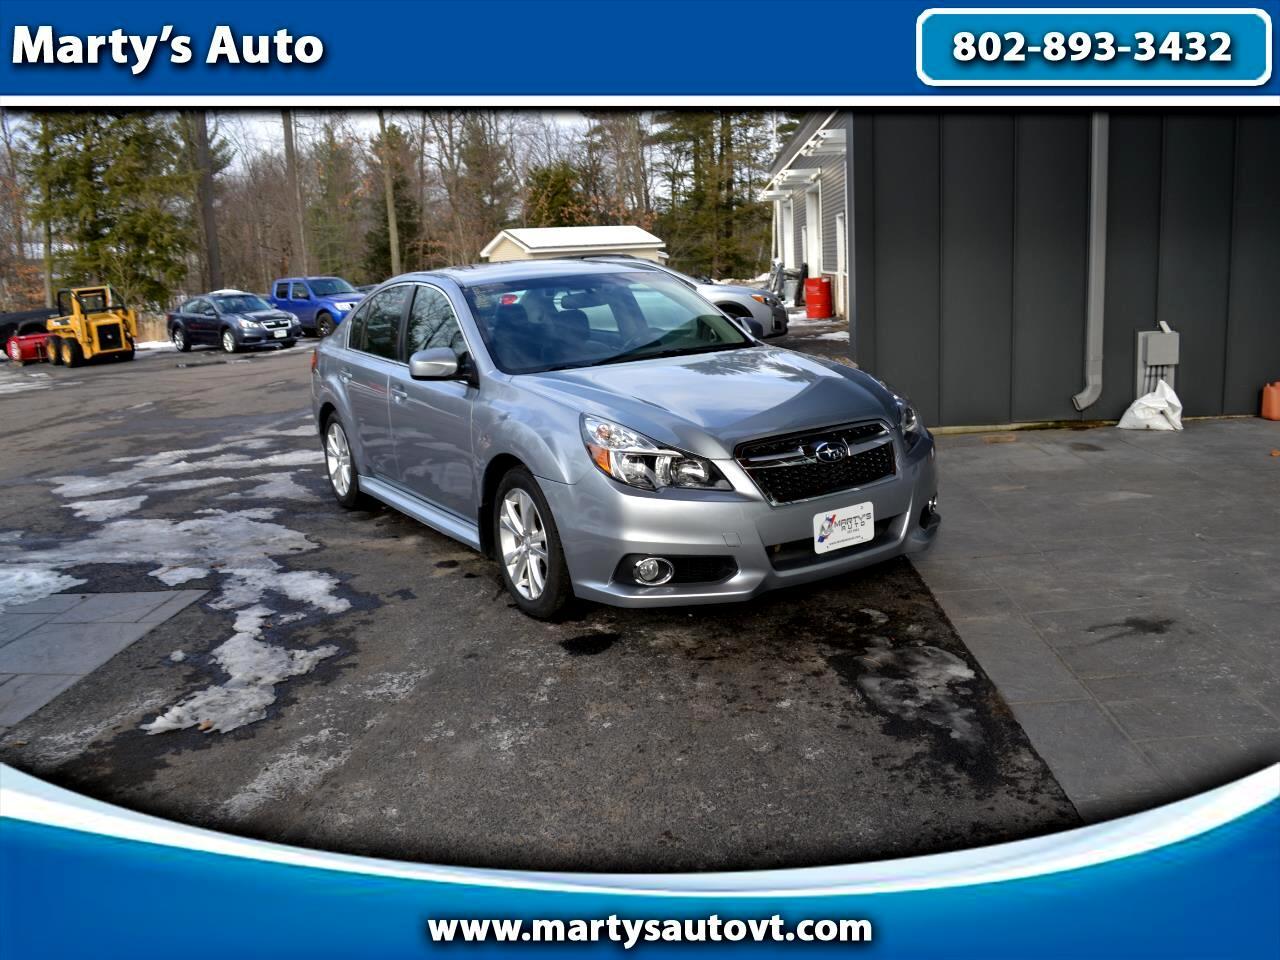 2014 Subaru Legacy 4dr Sdn H6 Auto 3.6R Limited